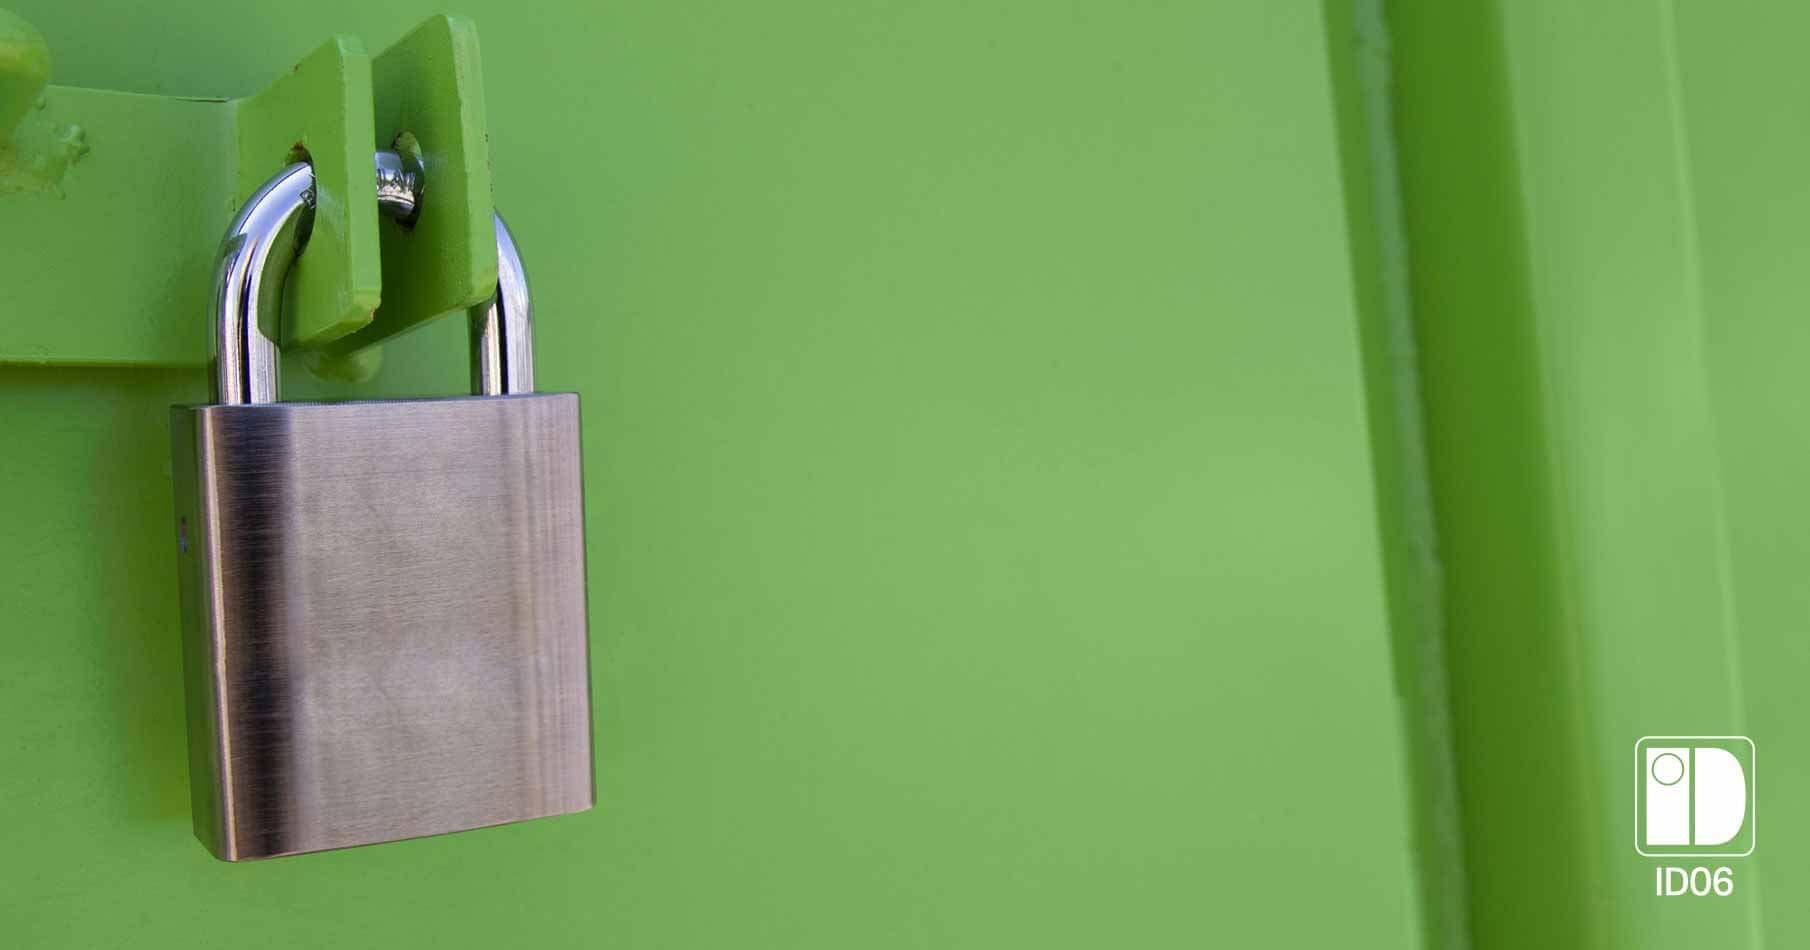 Metallfärgat hänglås i närbild på en grön container